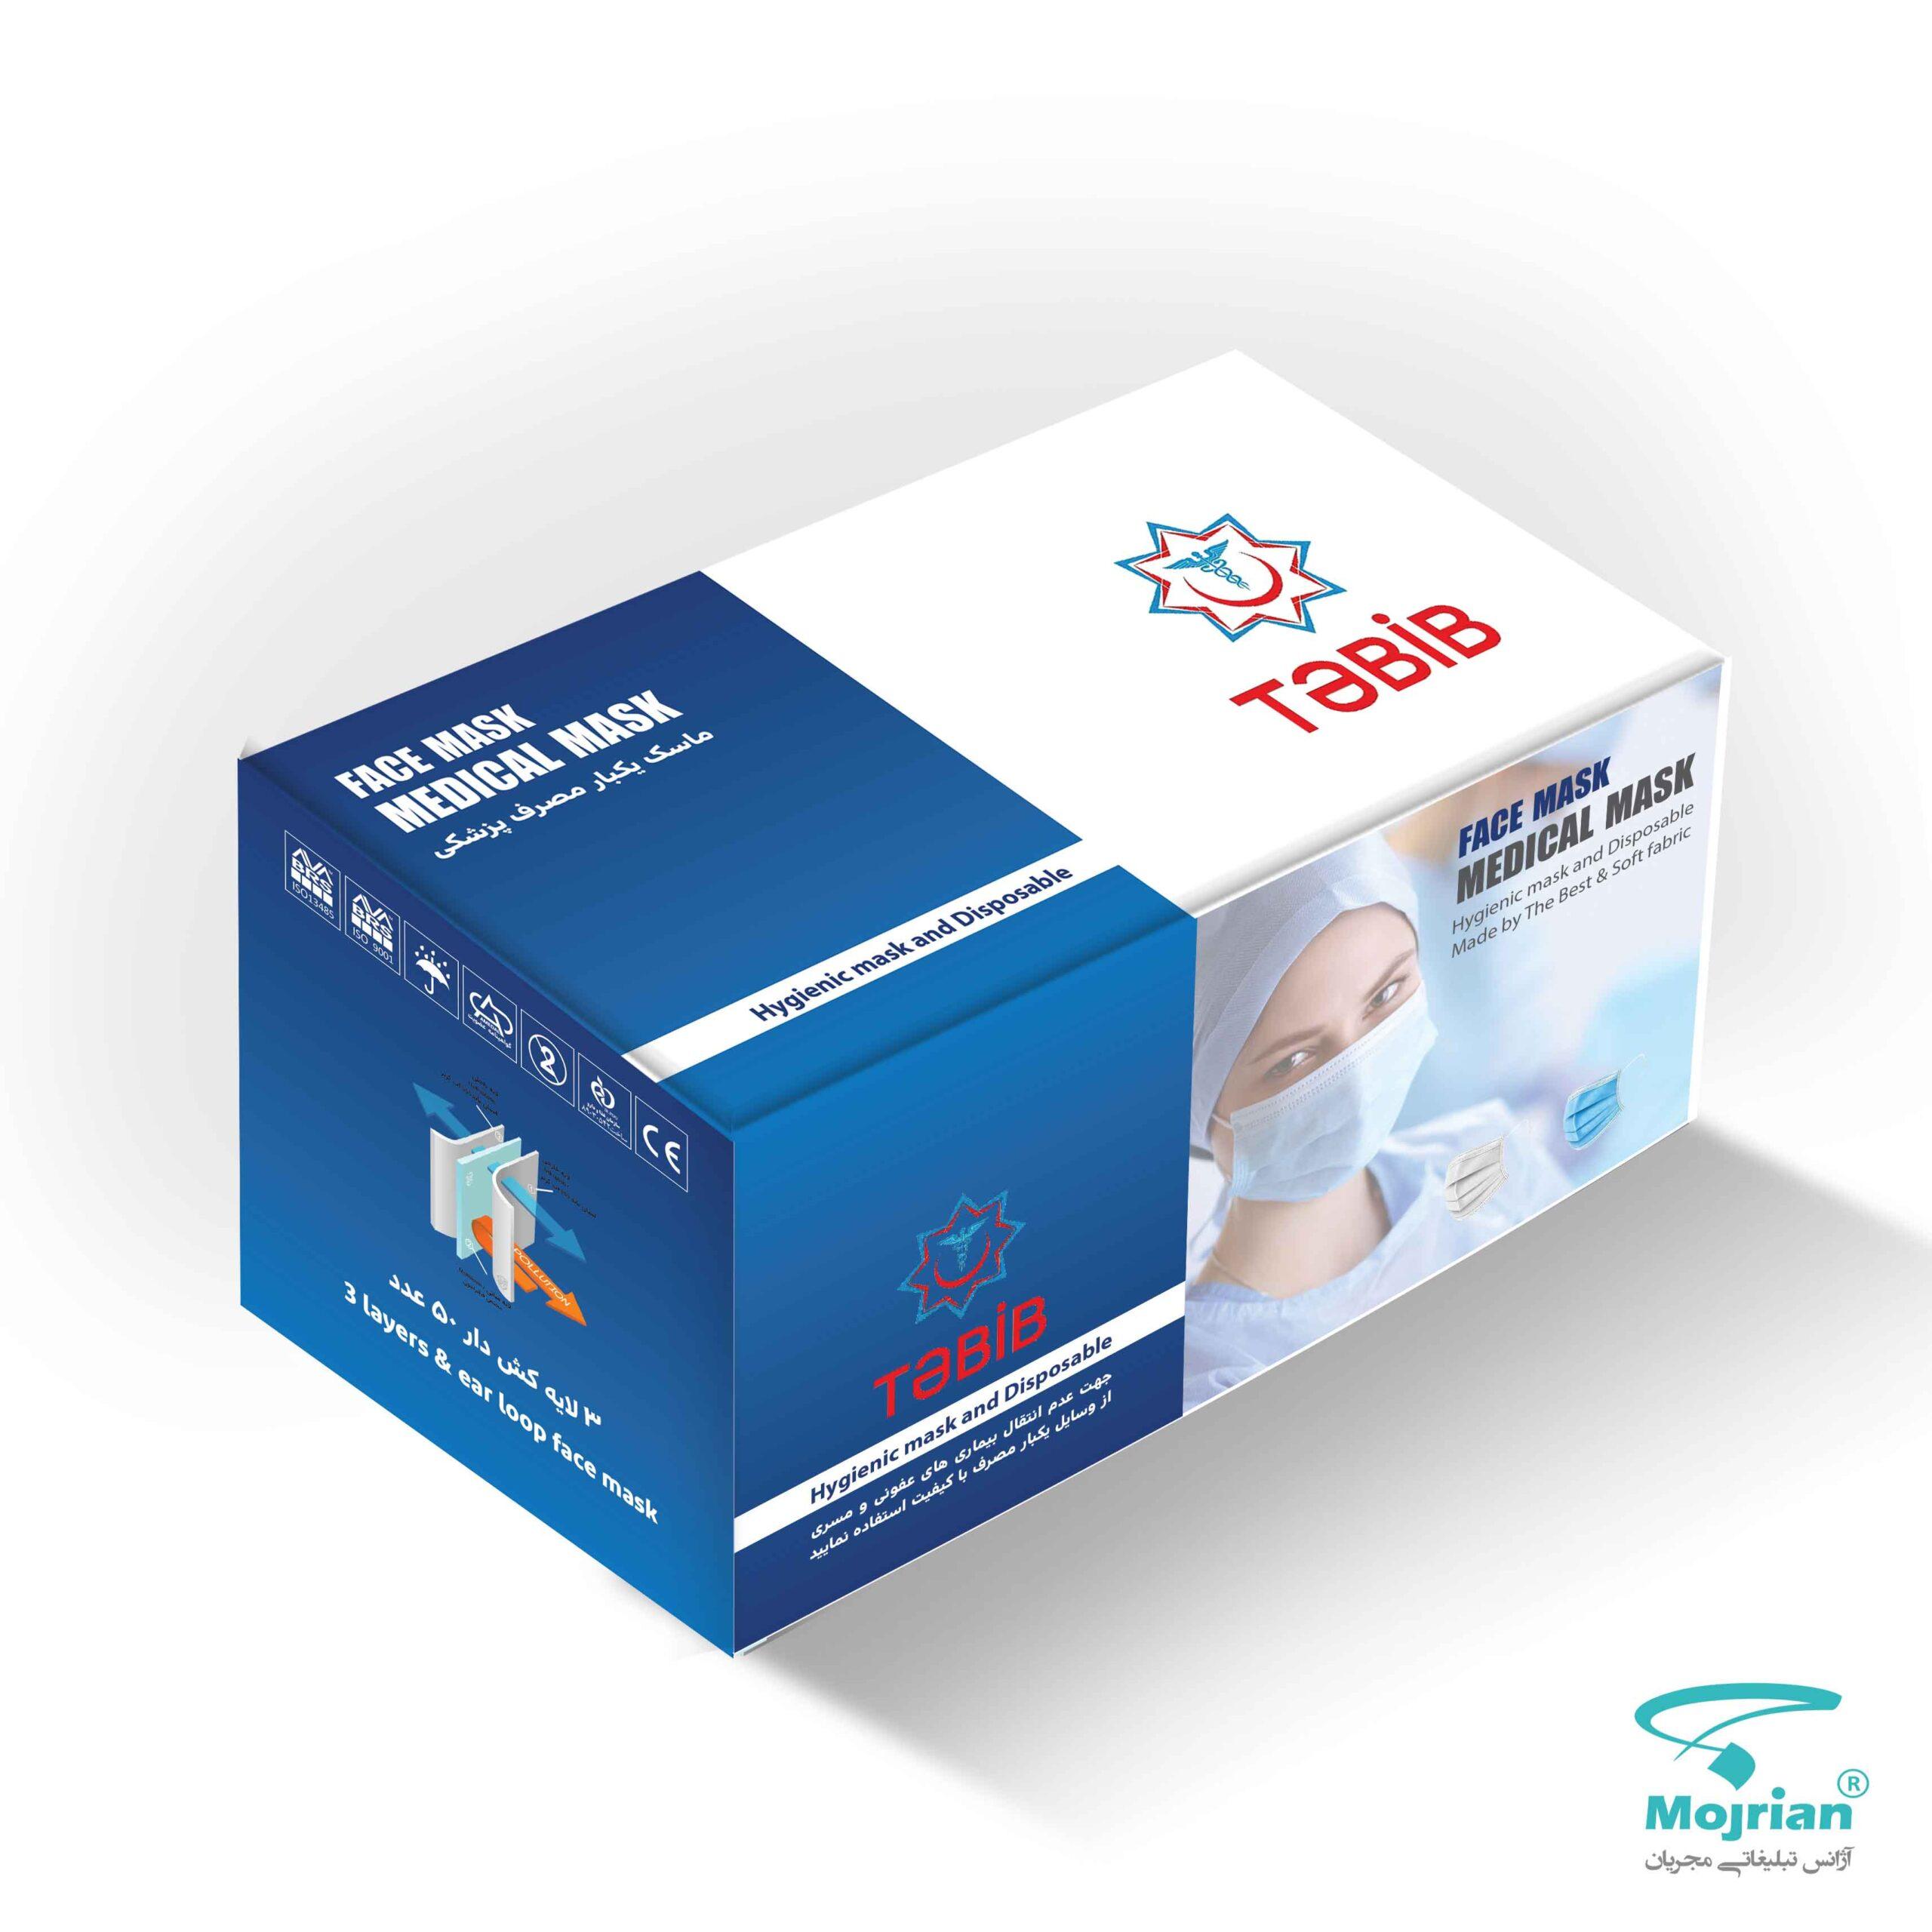 طراحی بسته بندی ماسک, طراحی بسته بندی بهداشتی, طراحی بسته بندی پزشکی